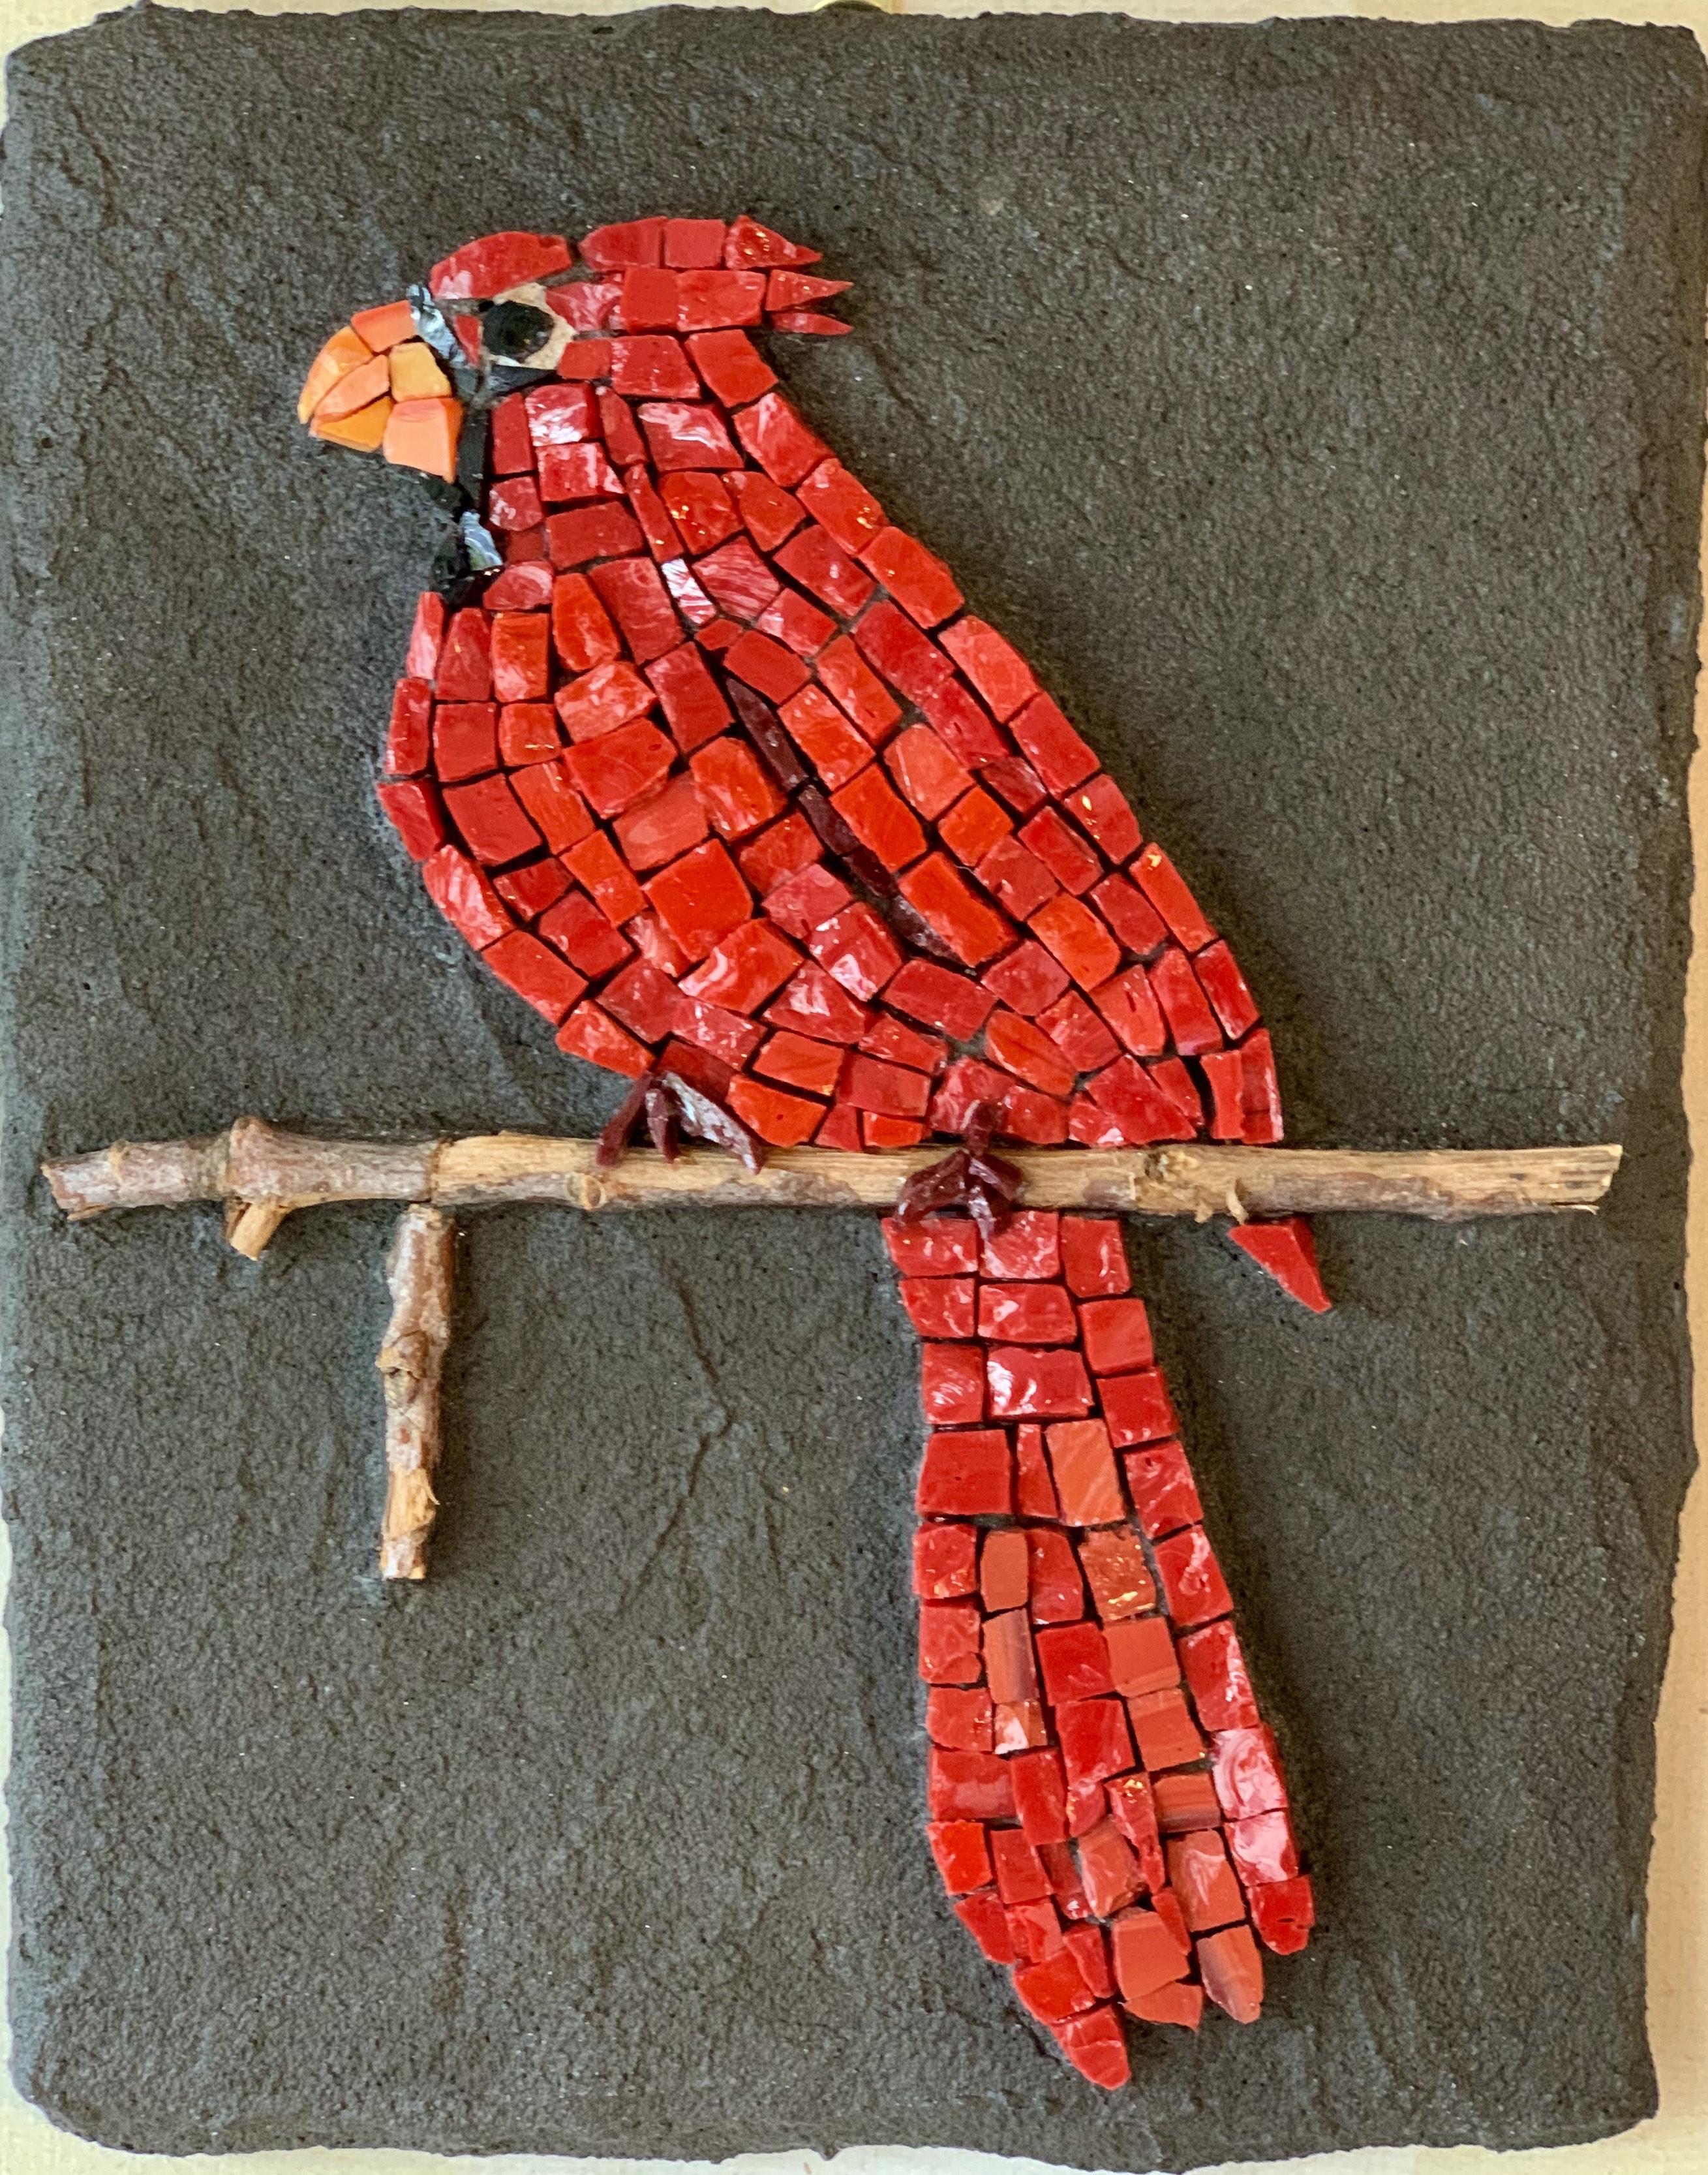 Ravenna Cardinal